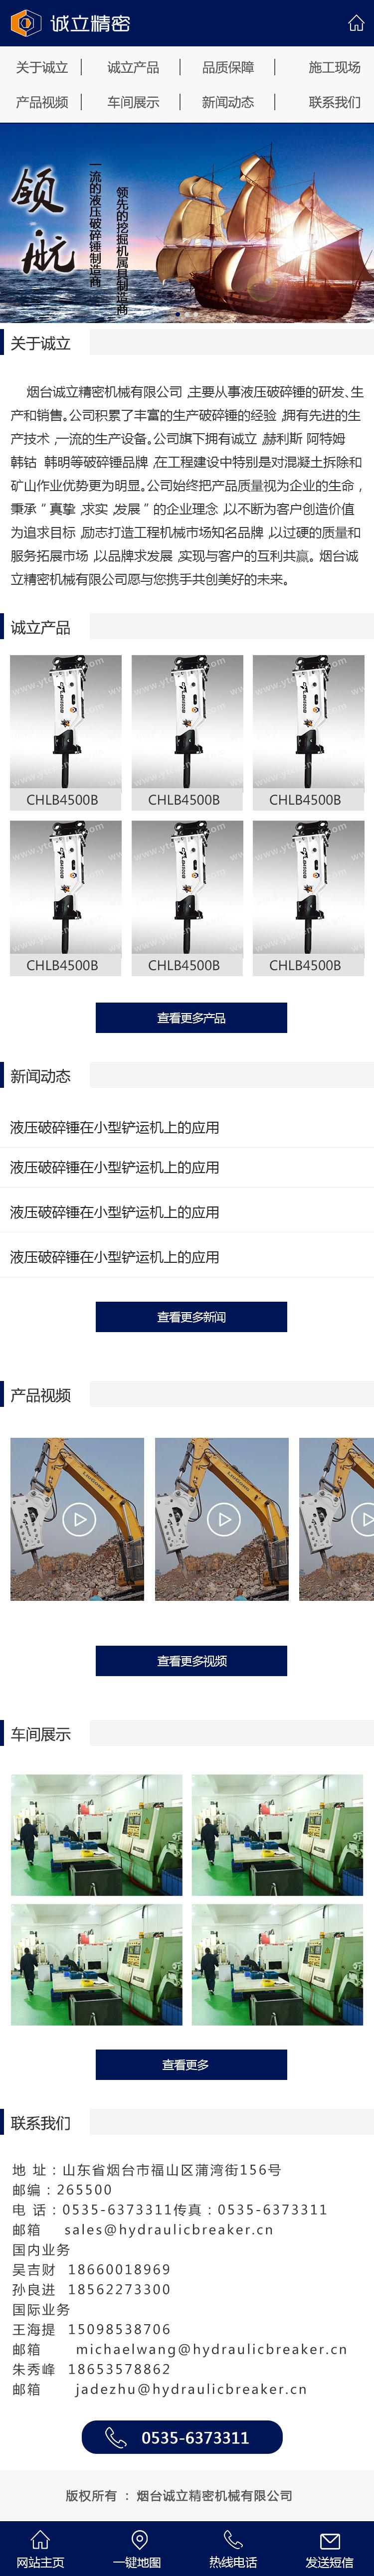 烟台晶玛国际贸易有限公司